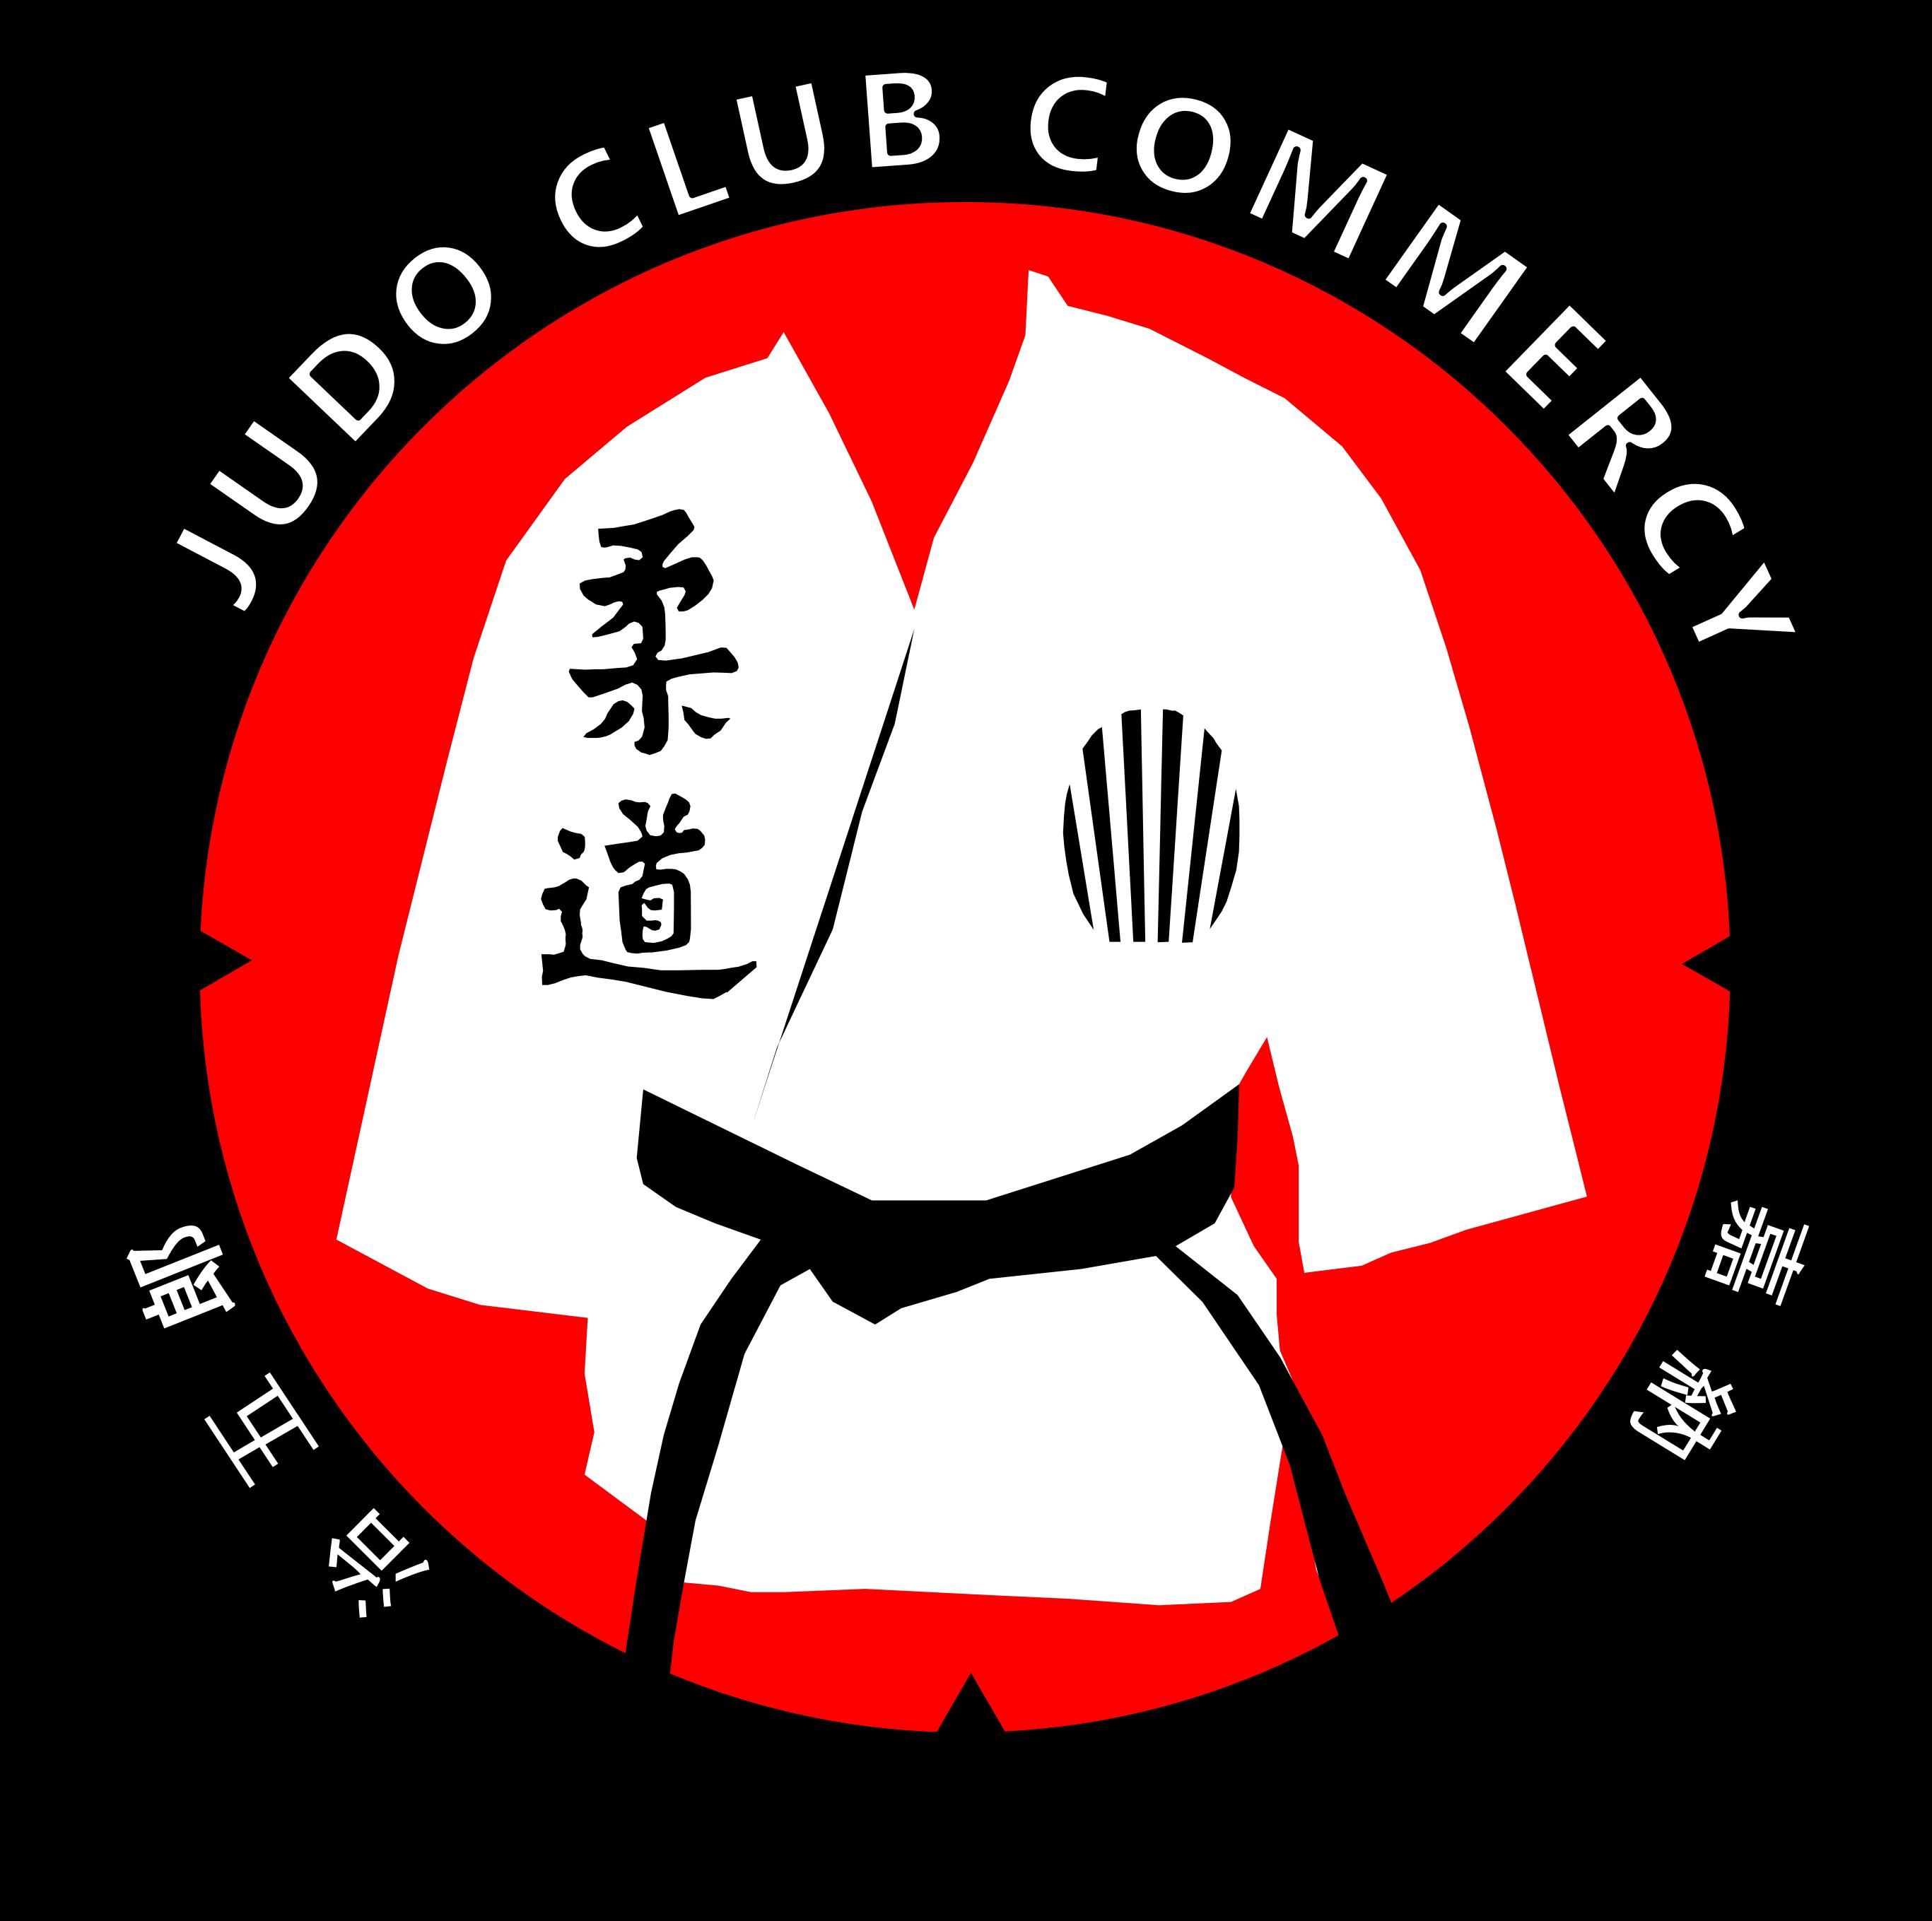 Académie de Judo et de Jiu-jitsu brésilien de Commercy